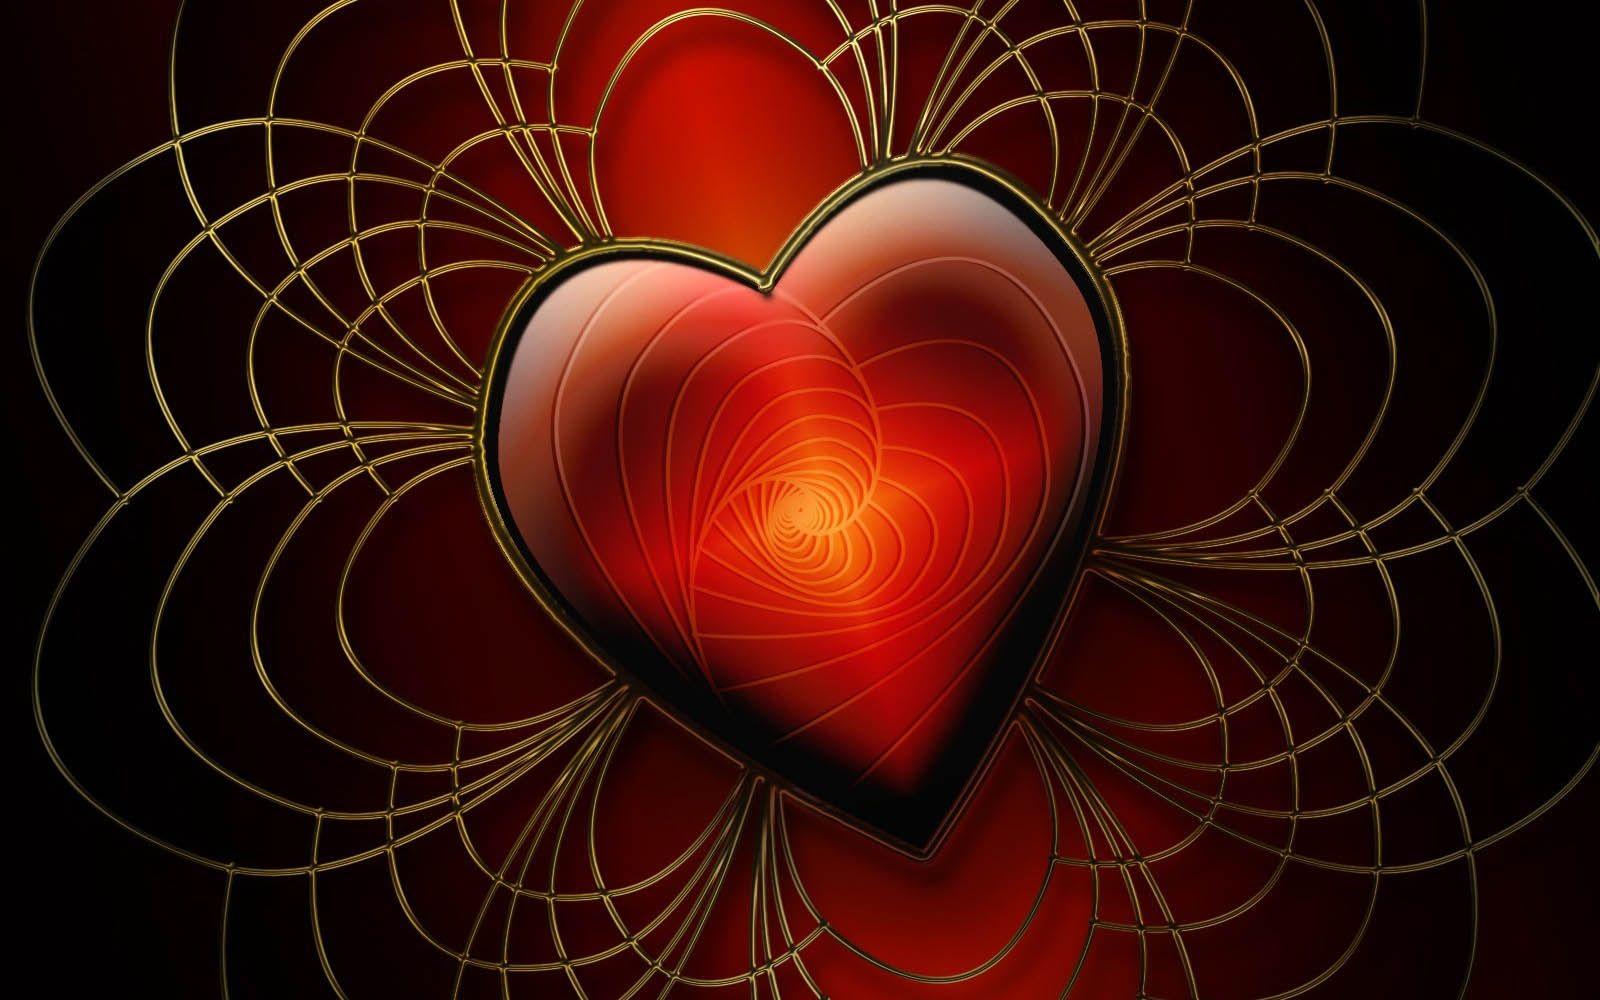 Download download images of love symbols wallpapers love symbol download download images of love symbols wallpapers love symbol inside download images of love symbols buycottarizona Gallery